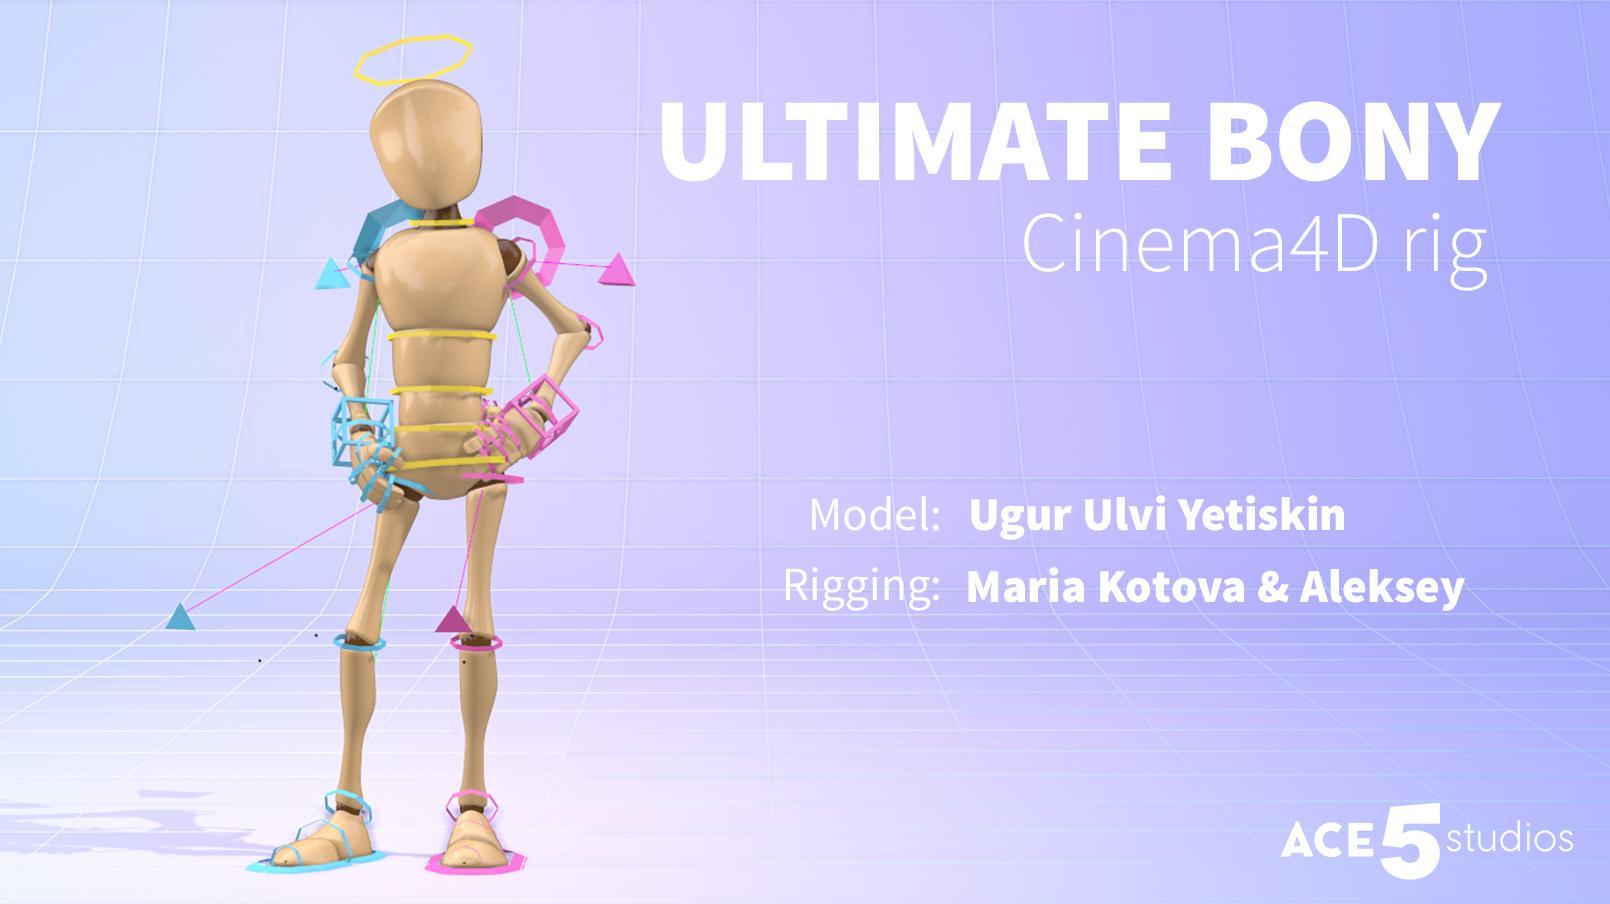 Bony Cinema 4D character rig ace5 studios